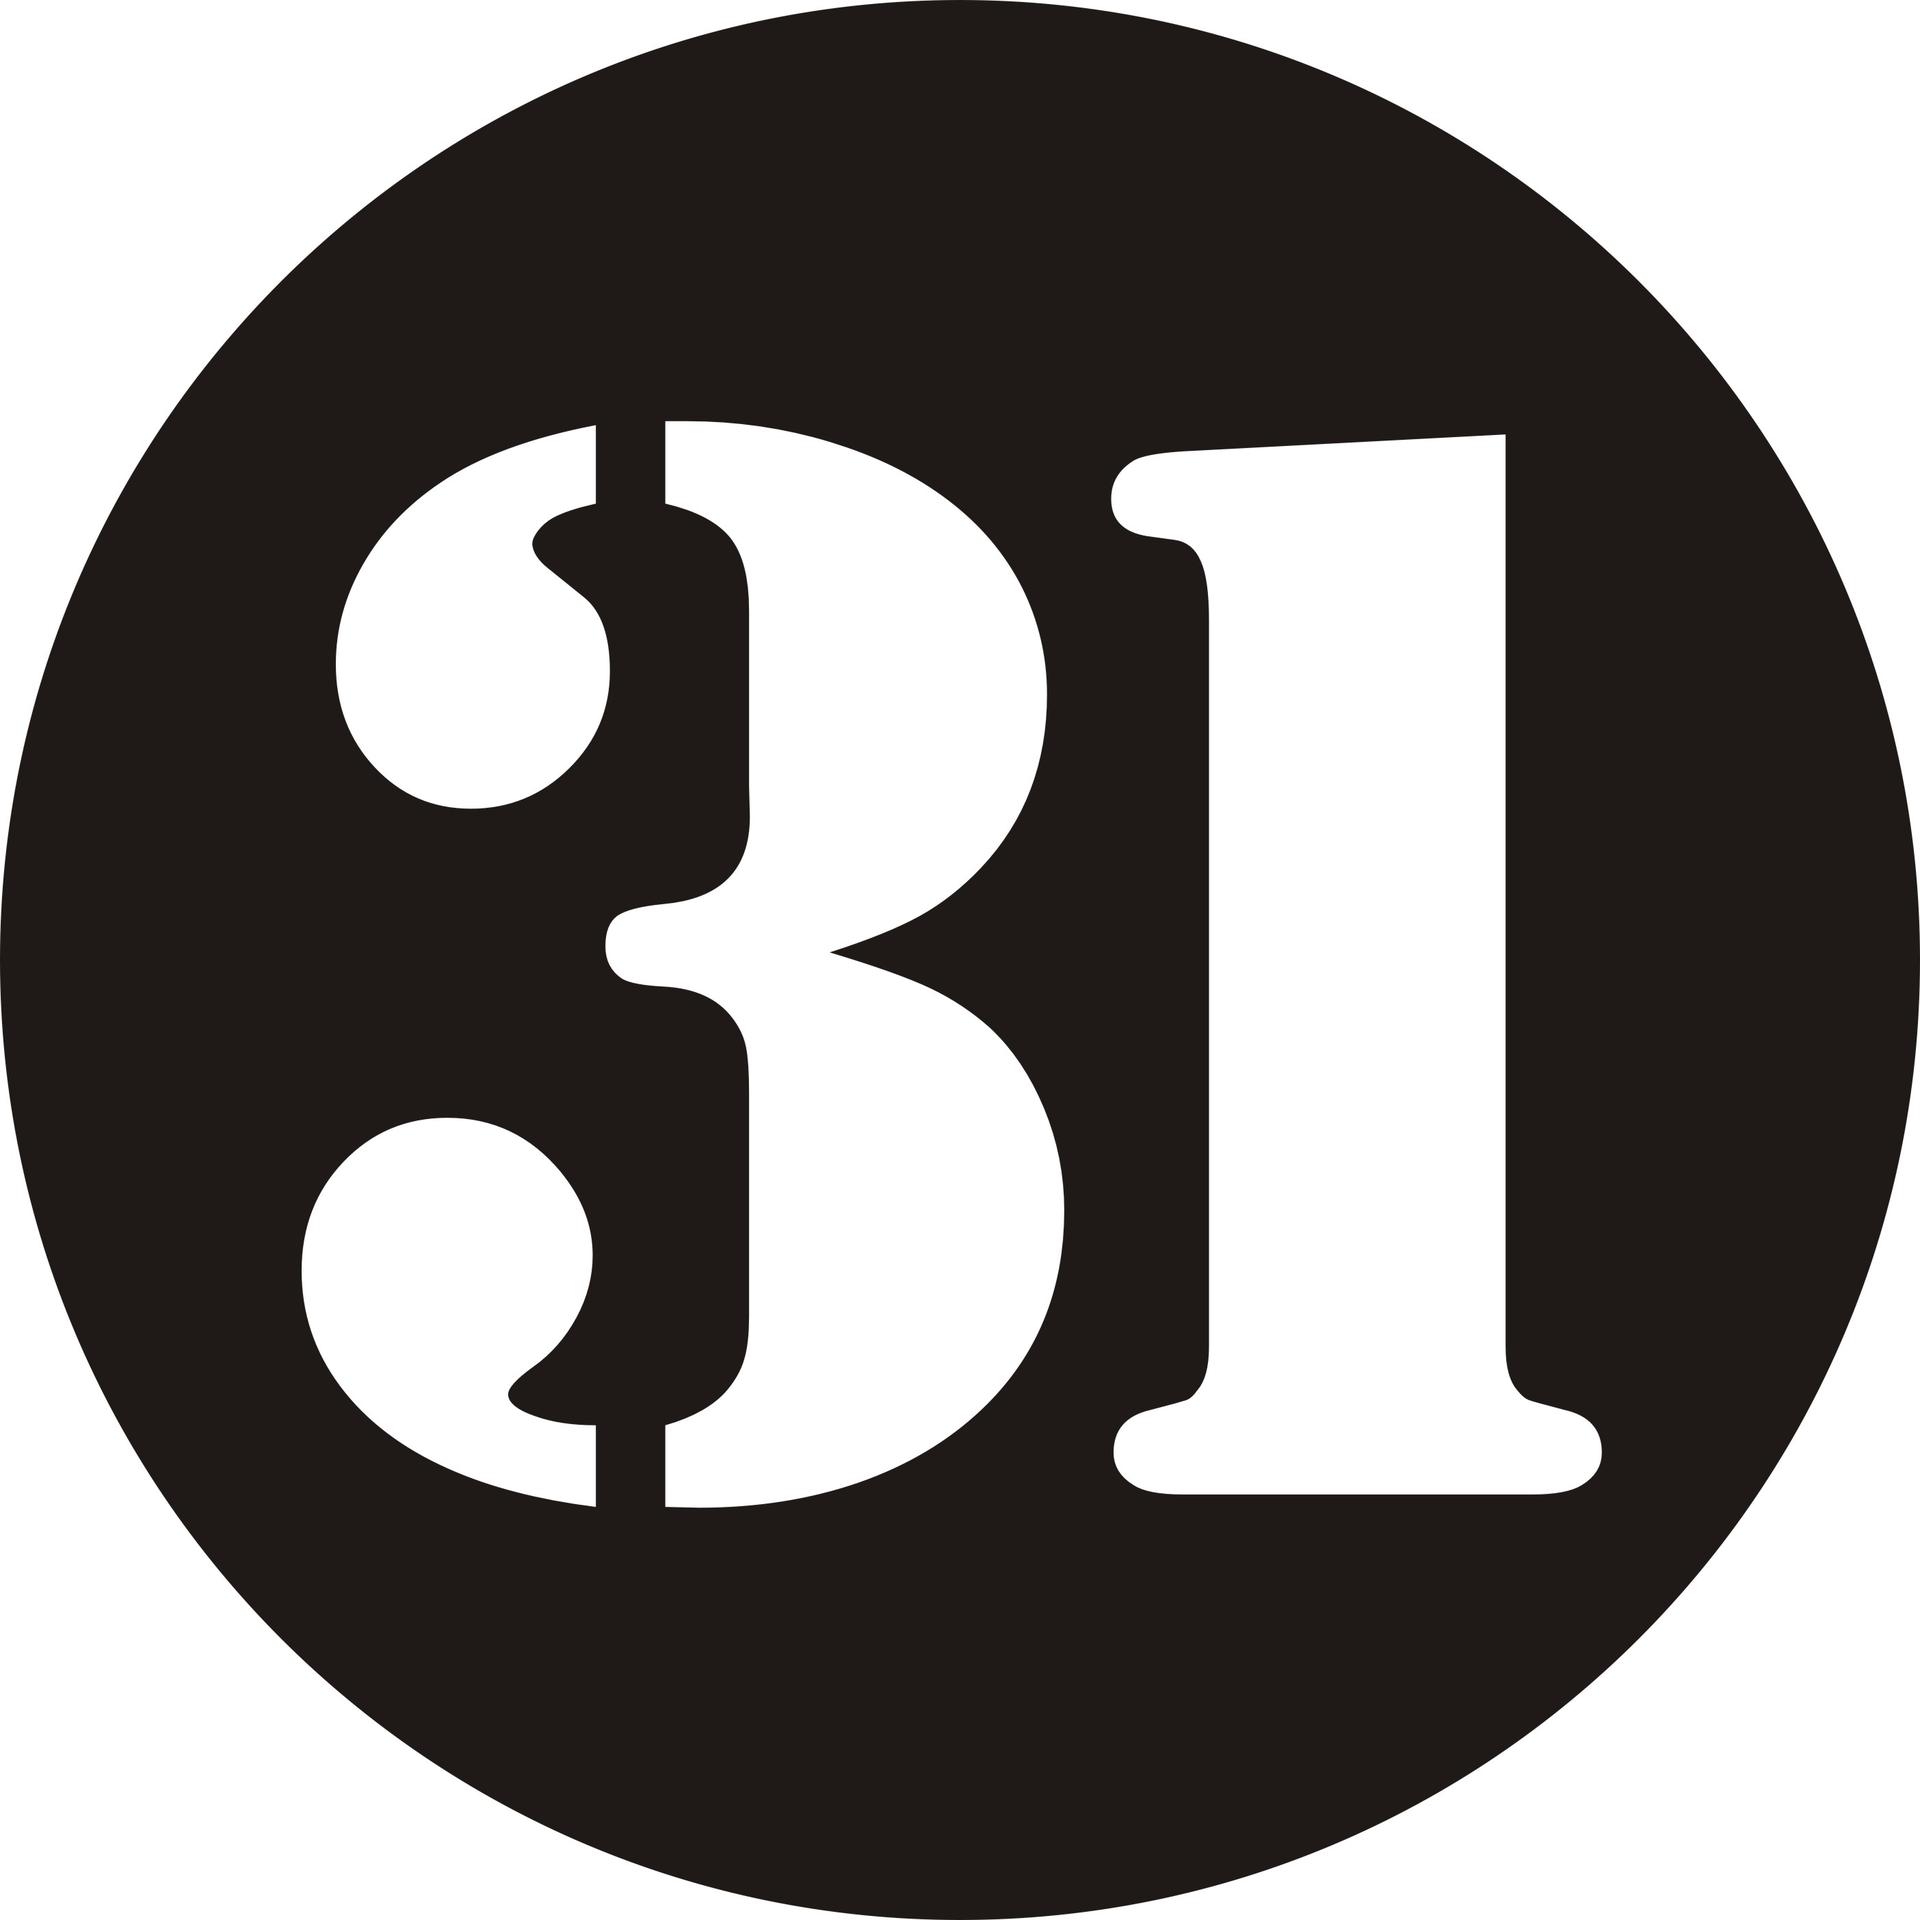 Strategy-31 - Wikipedi...